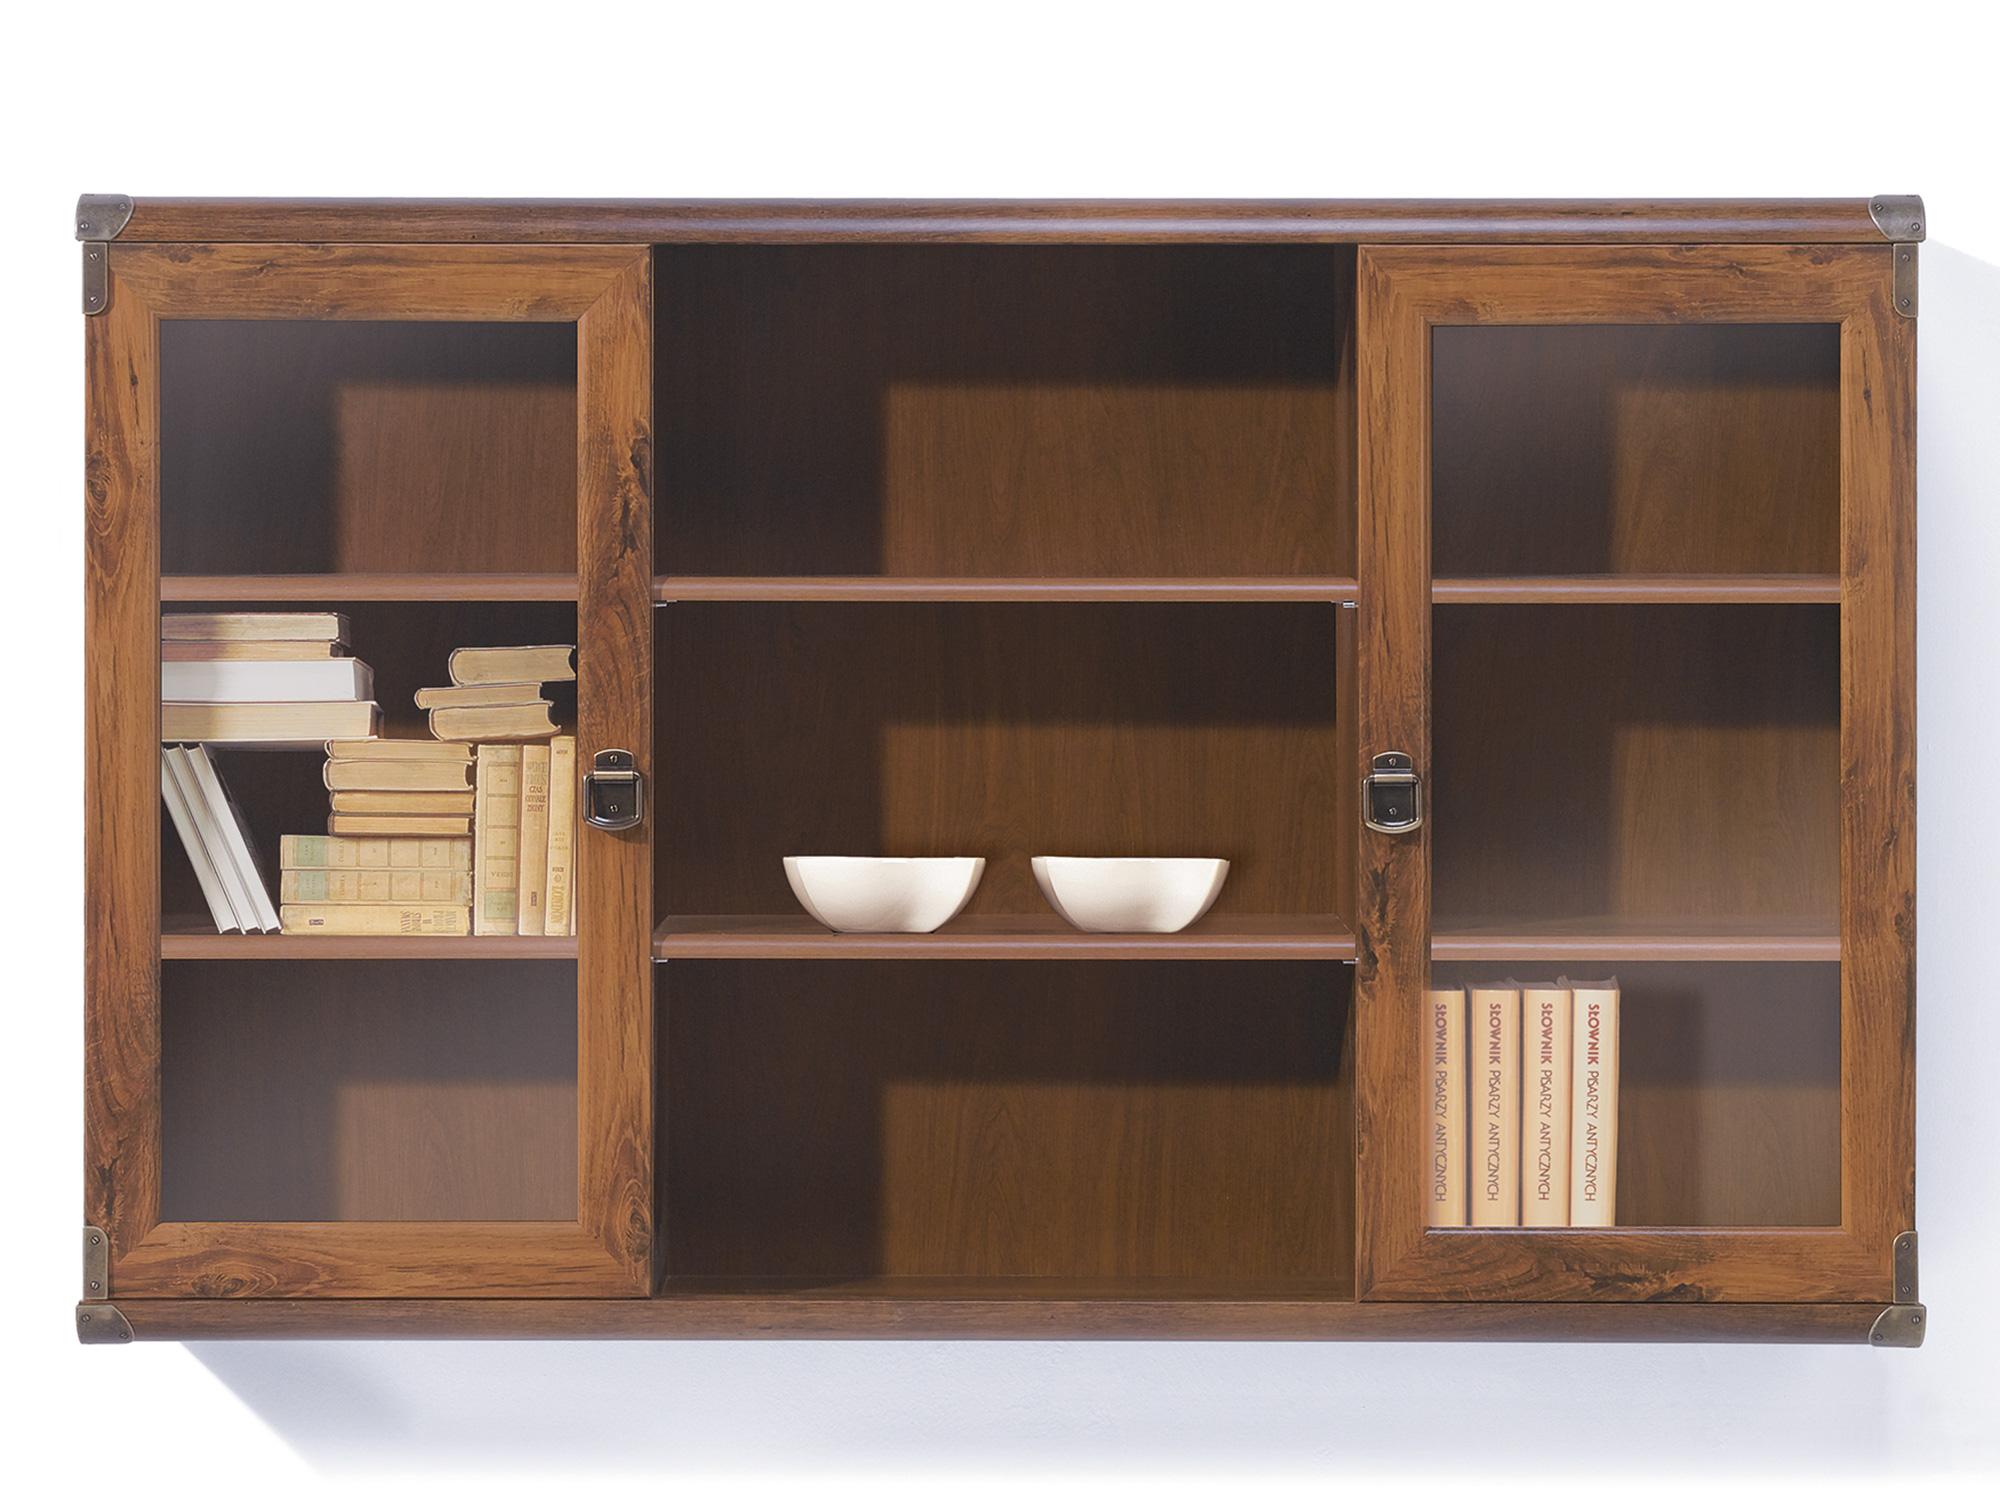 шкаф для кухни витрина настенная индиана индиана Витрина настенная Индиана Дуб саттер, МДФ, Стекло, ЛДСП